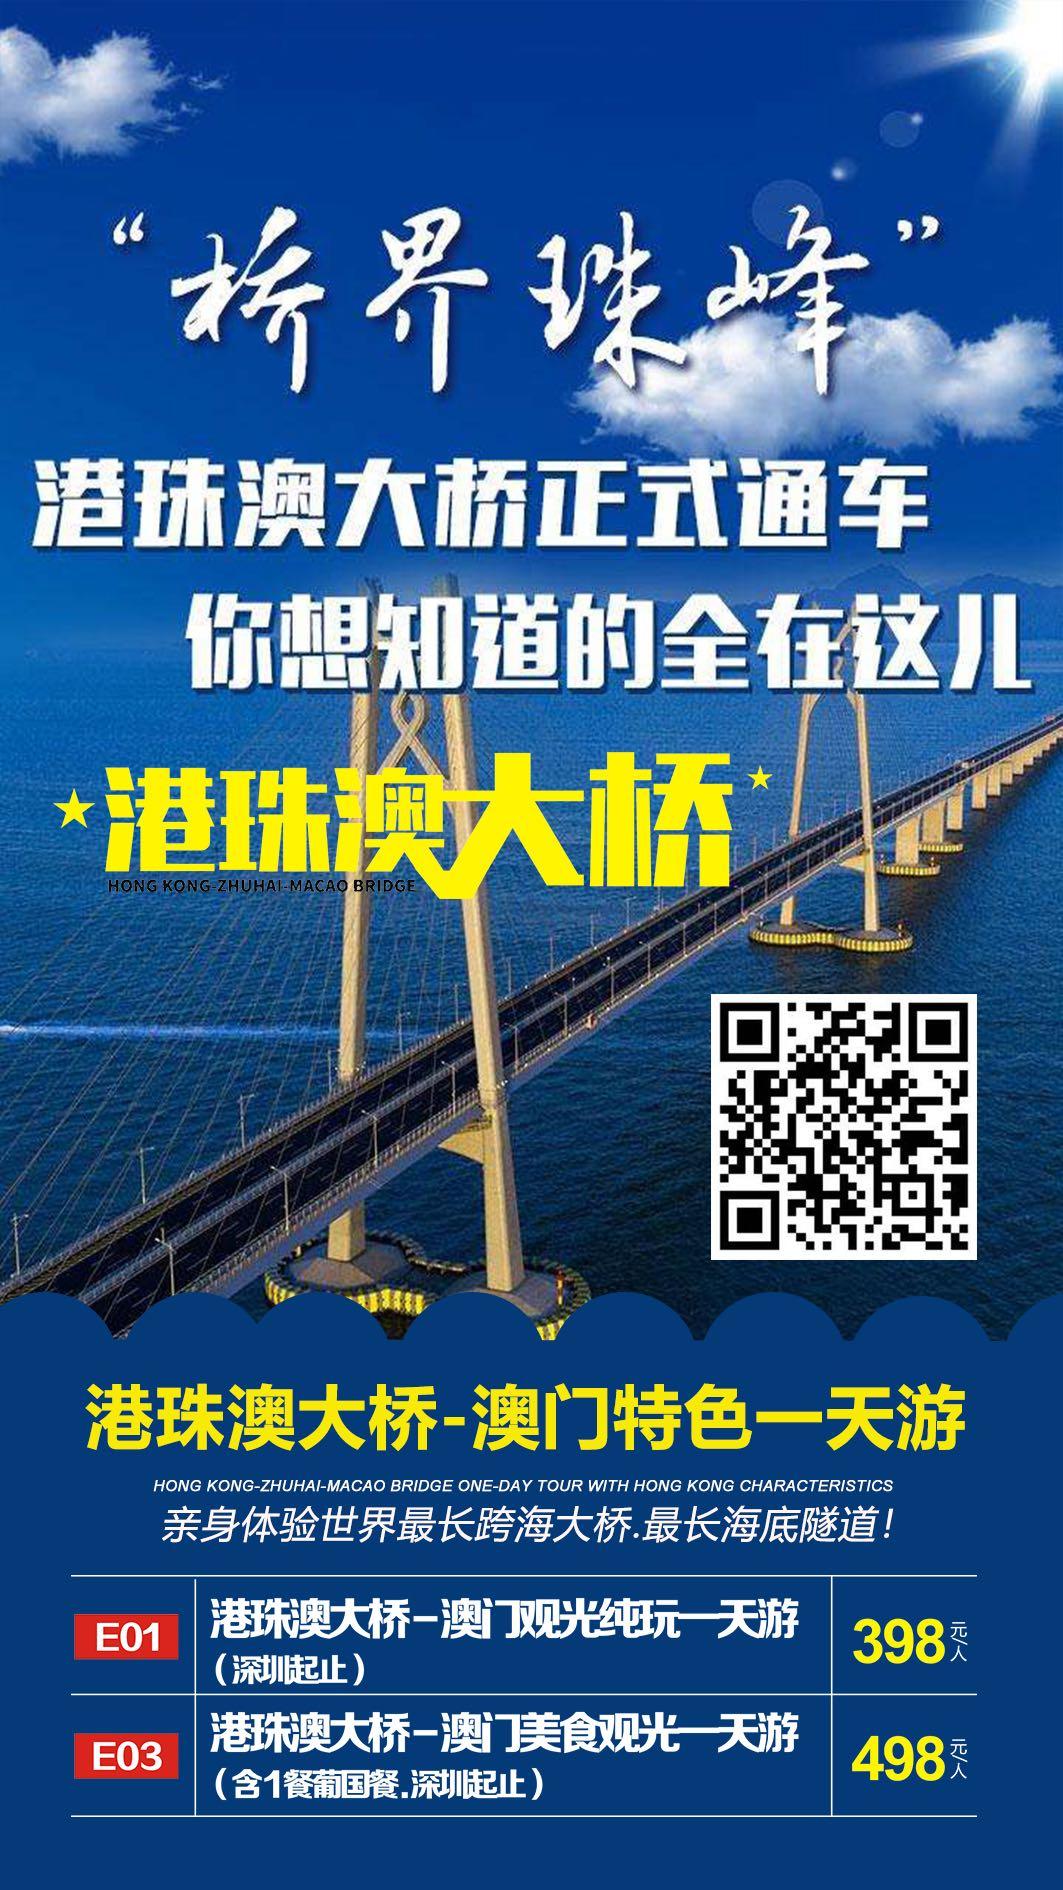 【港珠澳大桥一天游】澳门特色一天、亲身体验世界最长跨海大桥、最长海底隧道